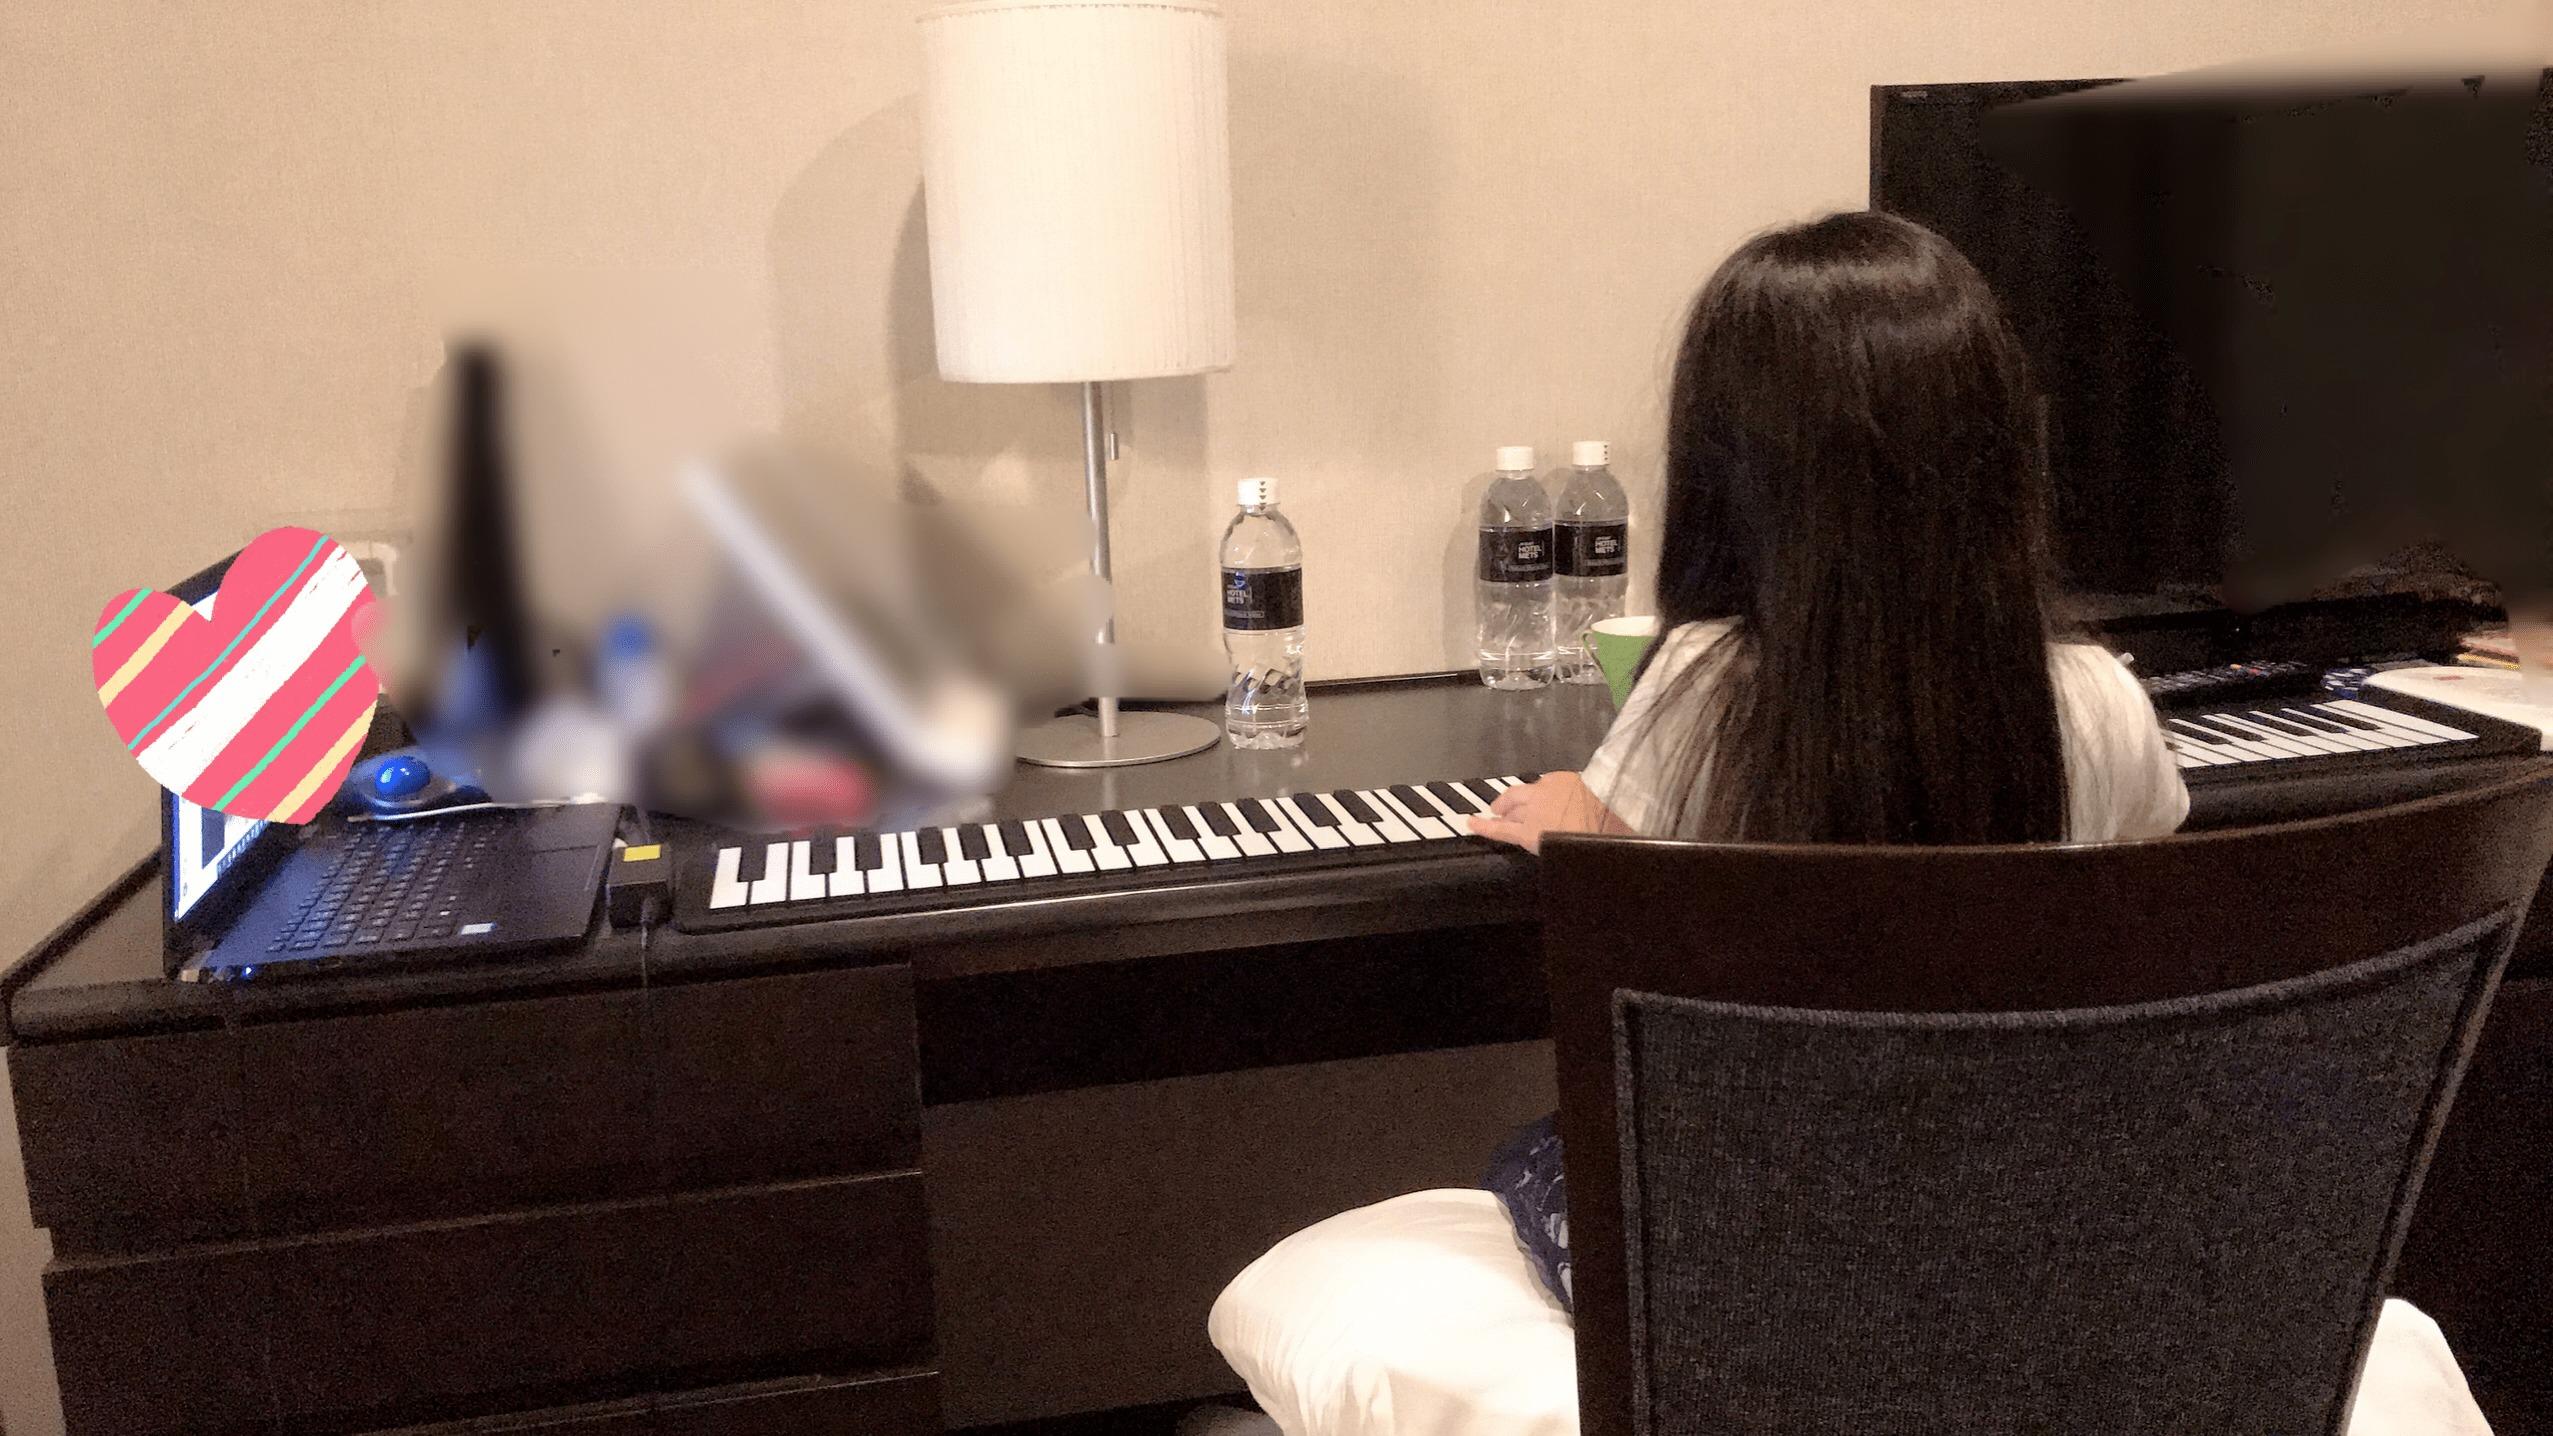 ロールピアノでオンラインピアノレッスン